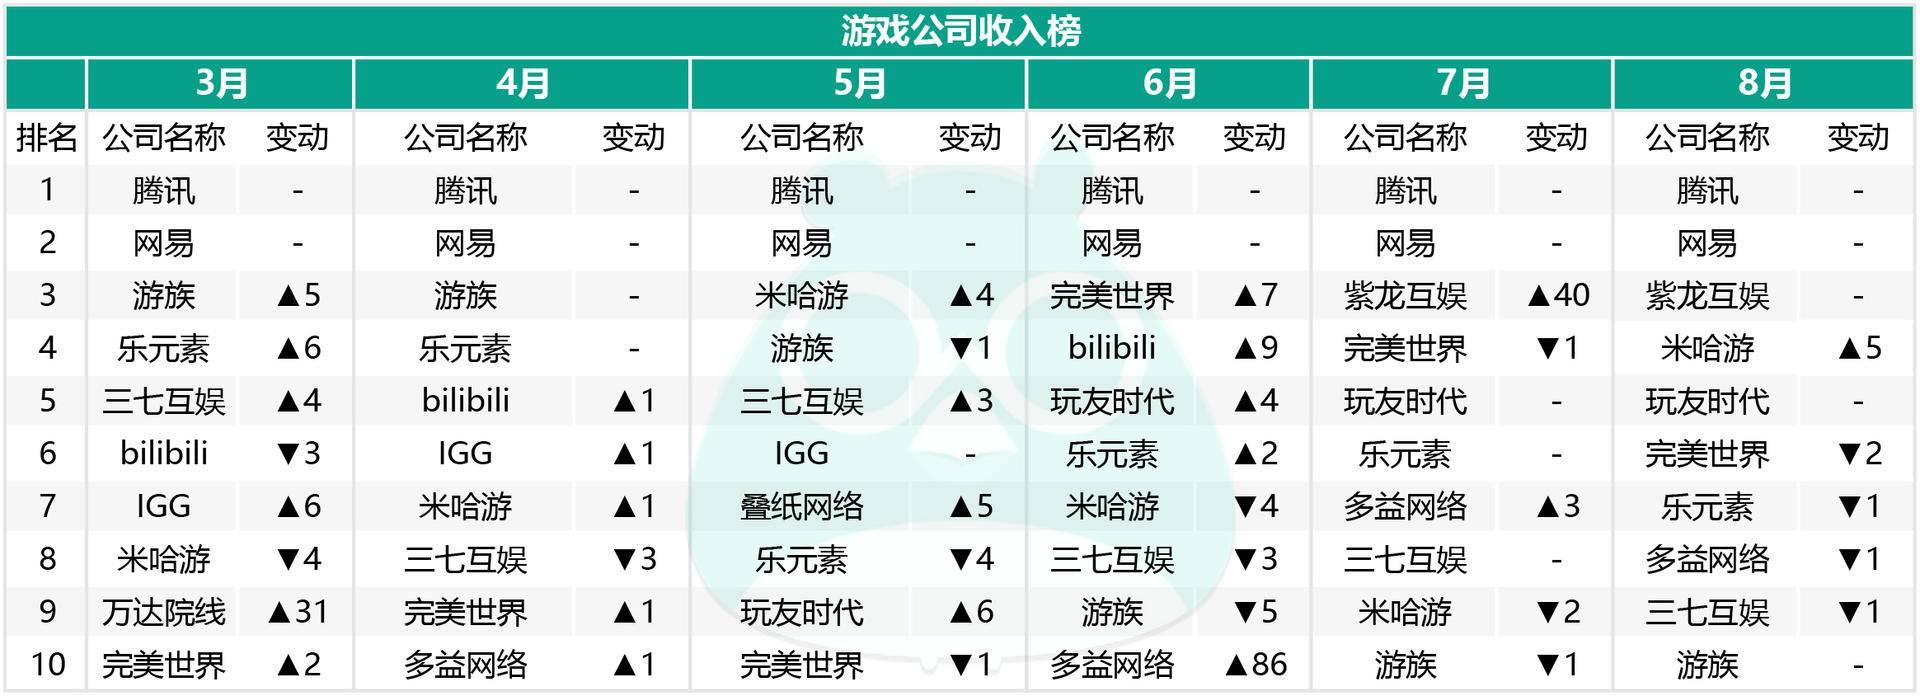 游戏公司收入榜:半年来稳居TOP10的厂商有哪些?月入2亿能进前十